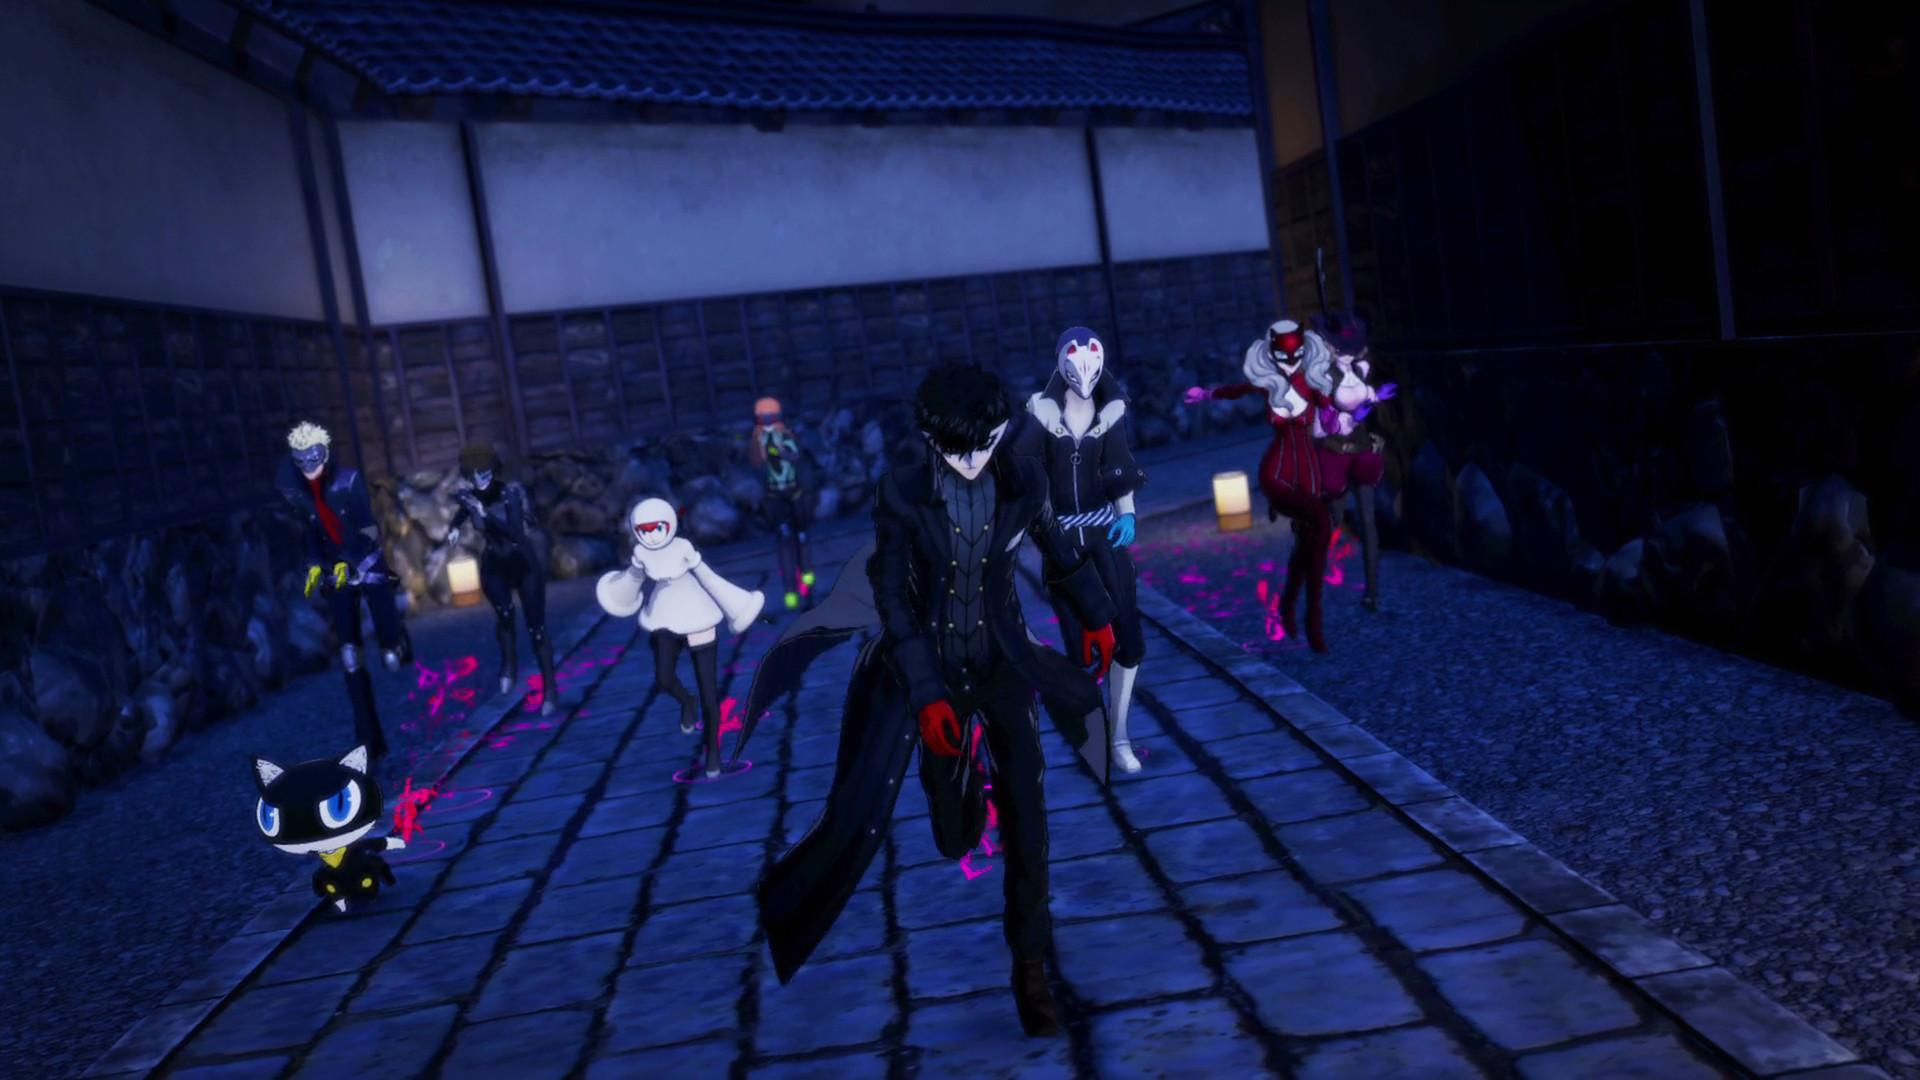 《女神异闻录5S》激燃战斗预告片 PC版即将发售